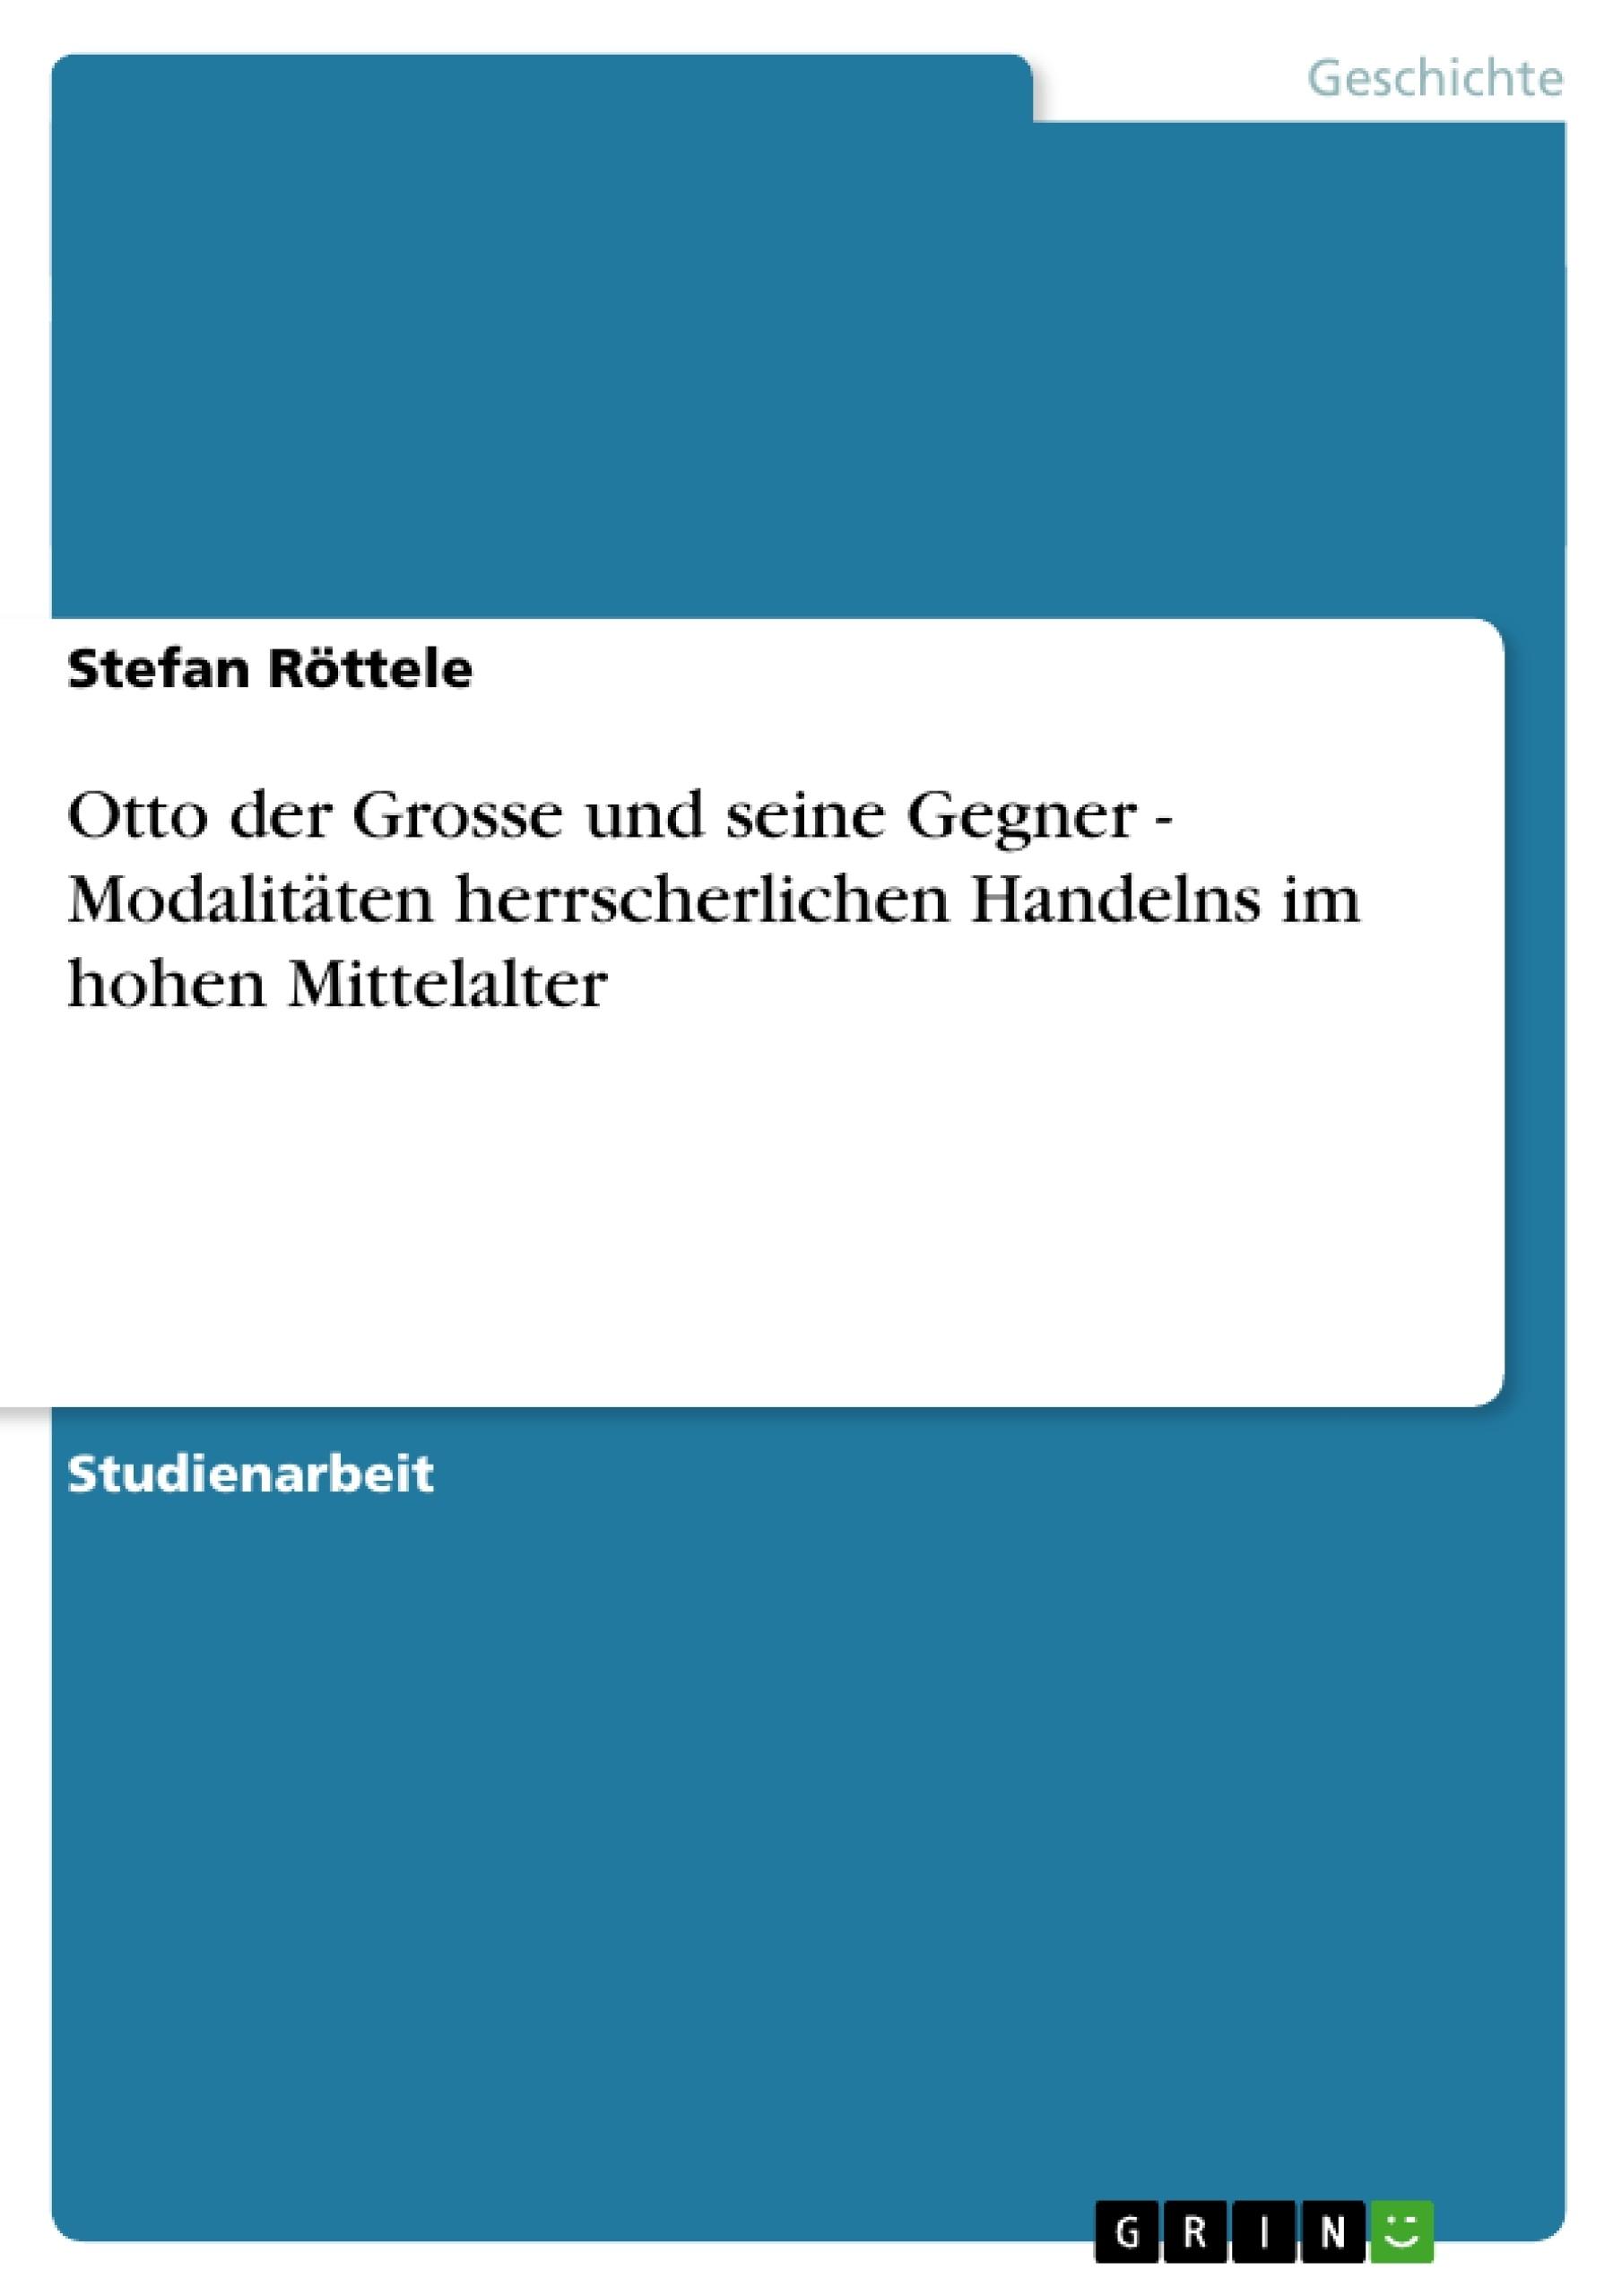 Titel: Otto der Grosse und seine Gegner - Modalitäten herrscherlichen Handelns im hohen Mittelalter